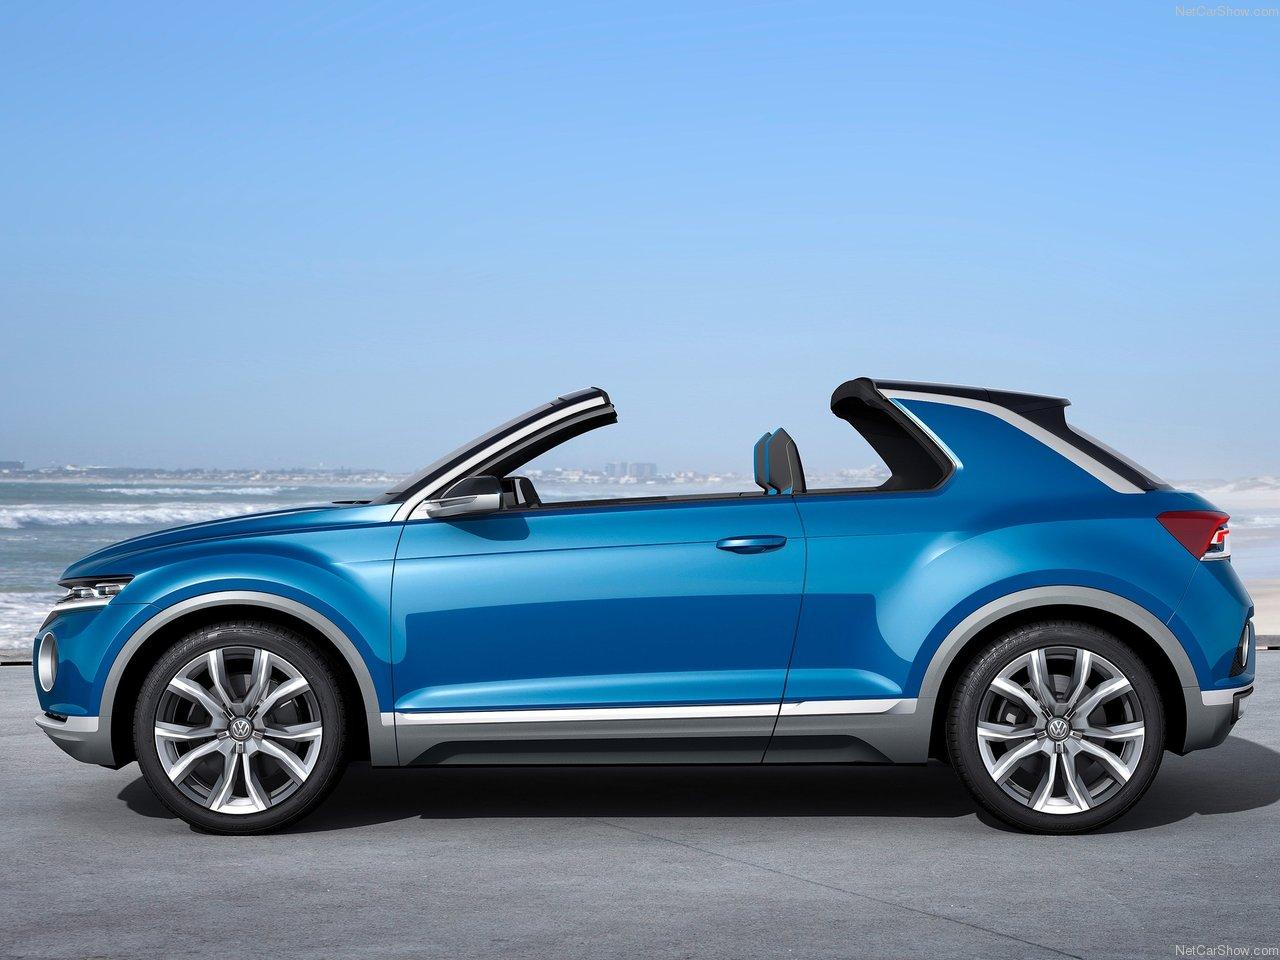 Volkswagen-T-Roc_Concept_2014_1280x960_wallpaper_05.jpg